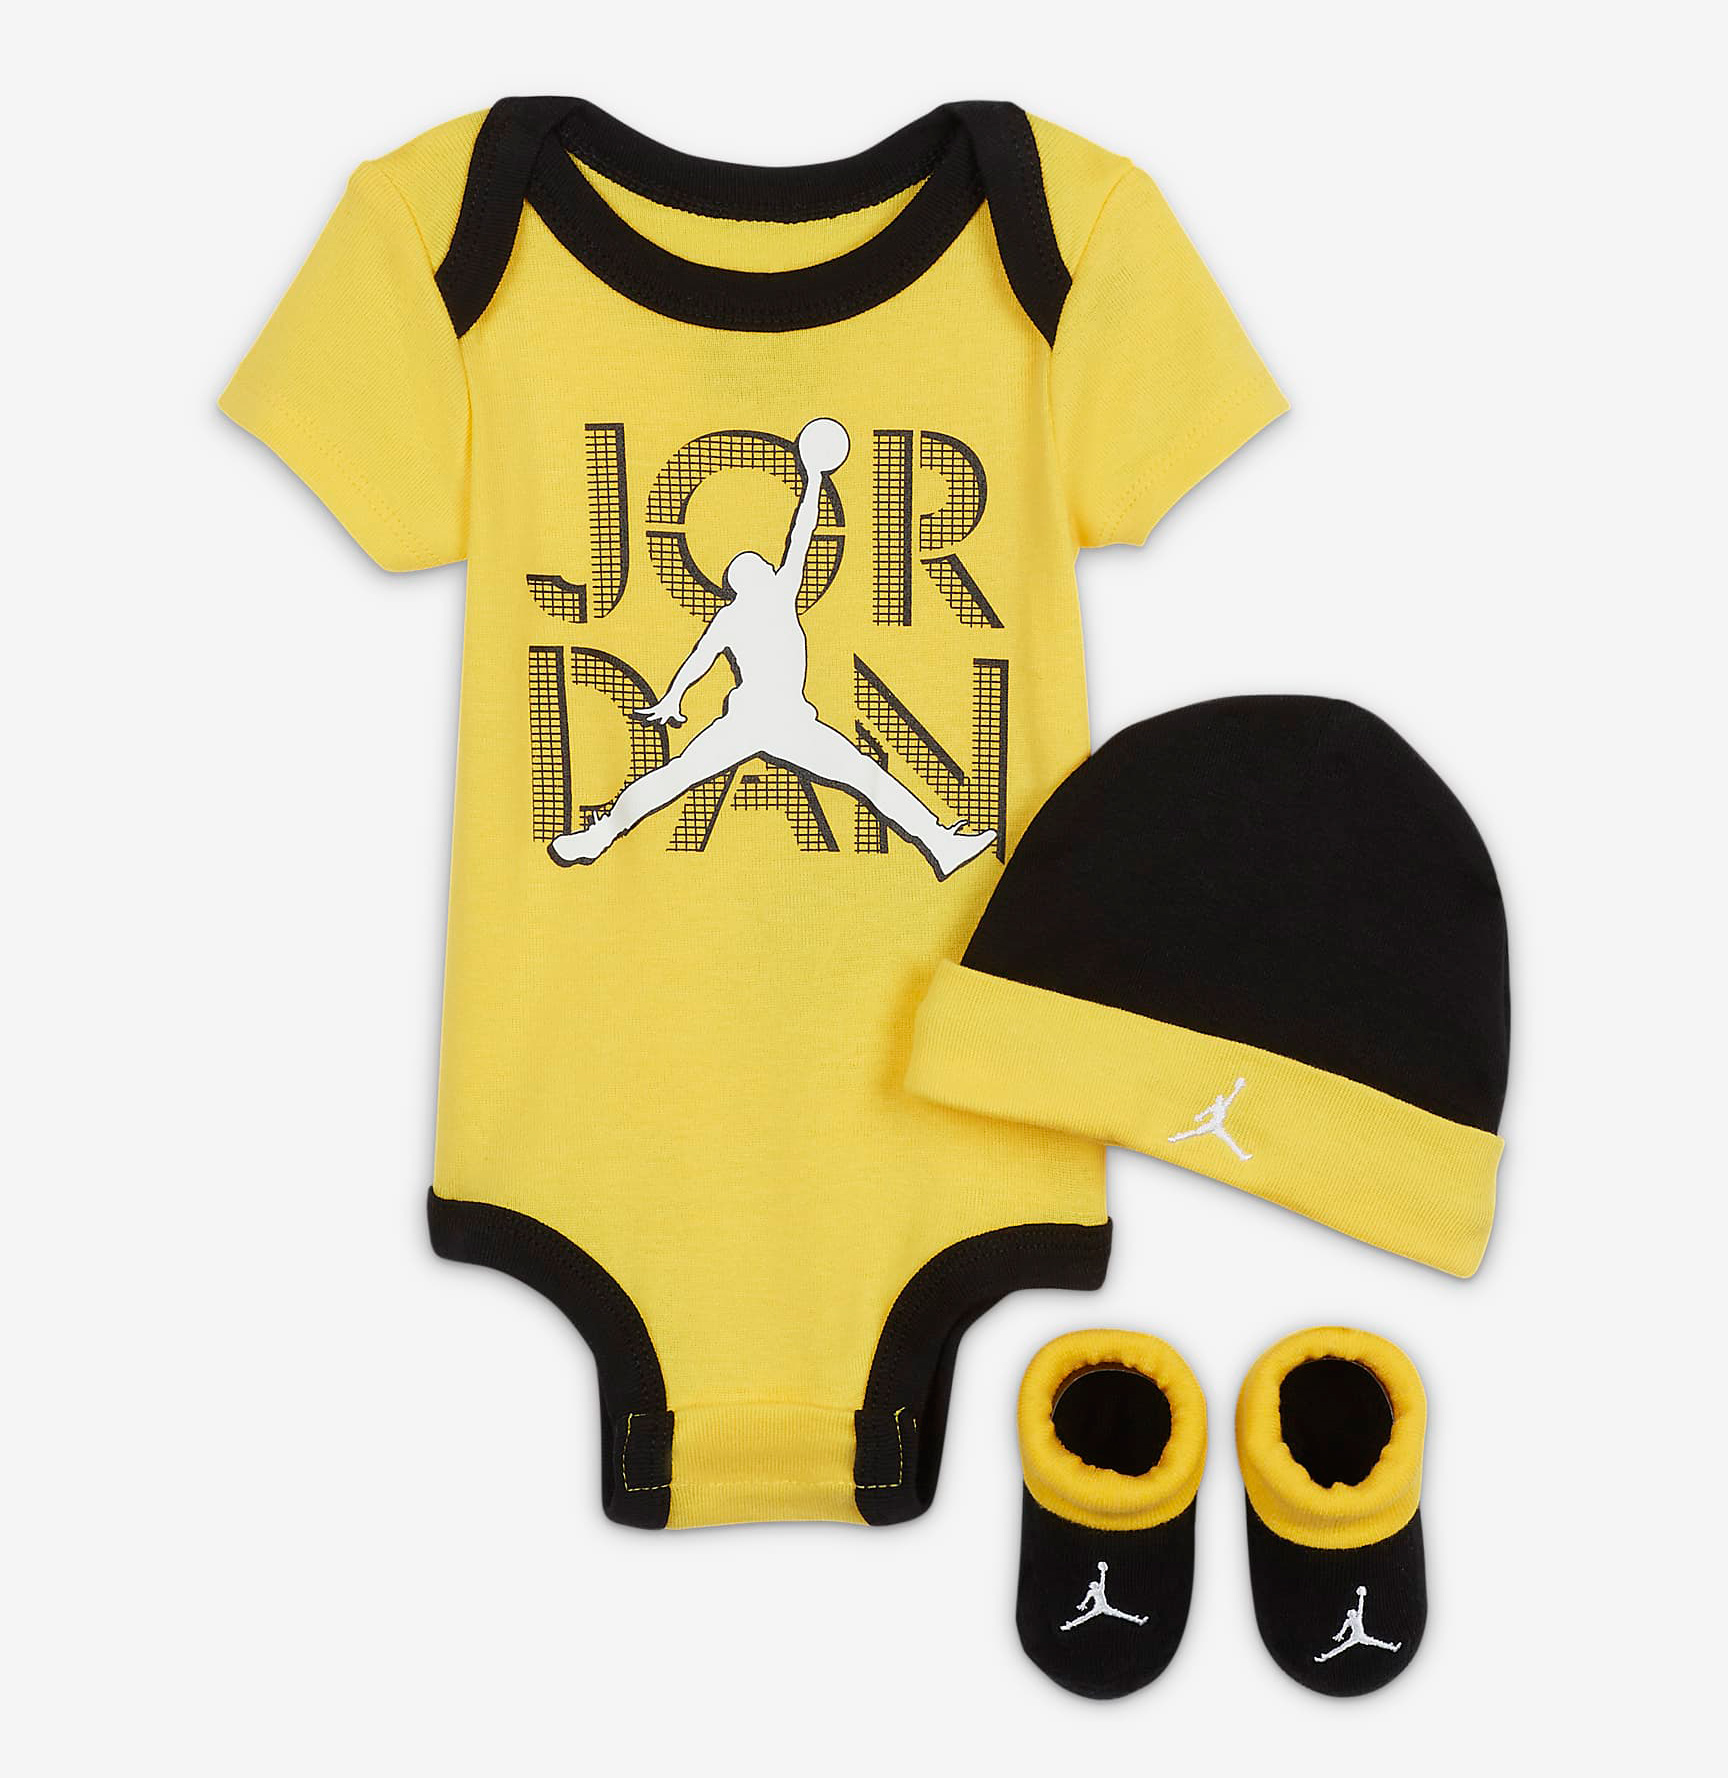 air-jordan-4-lightning-kids-baby-shirt-hat-clothing-set